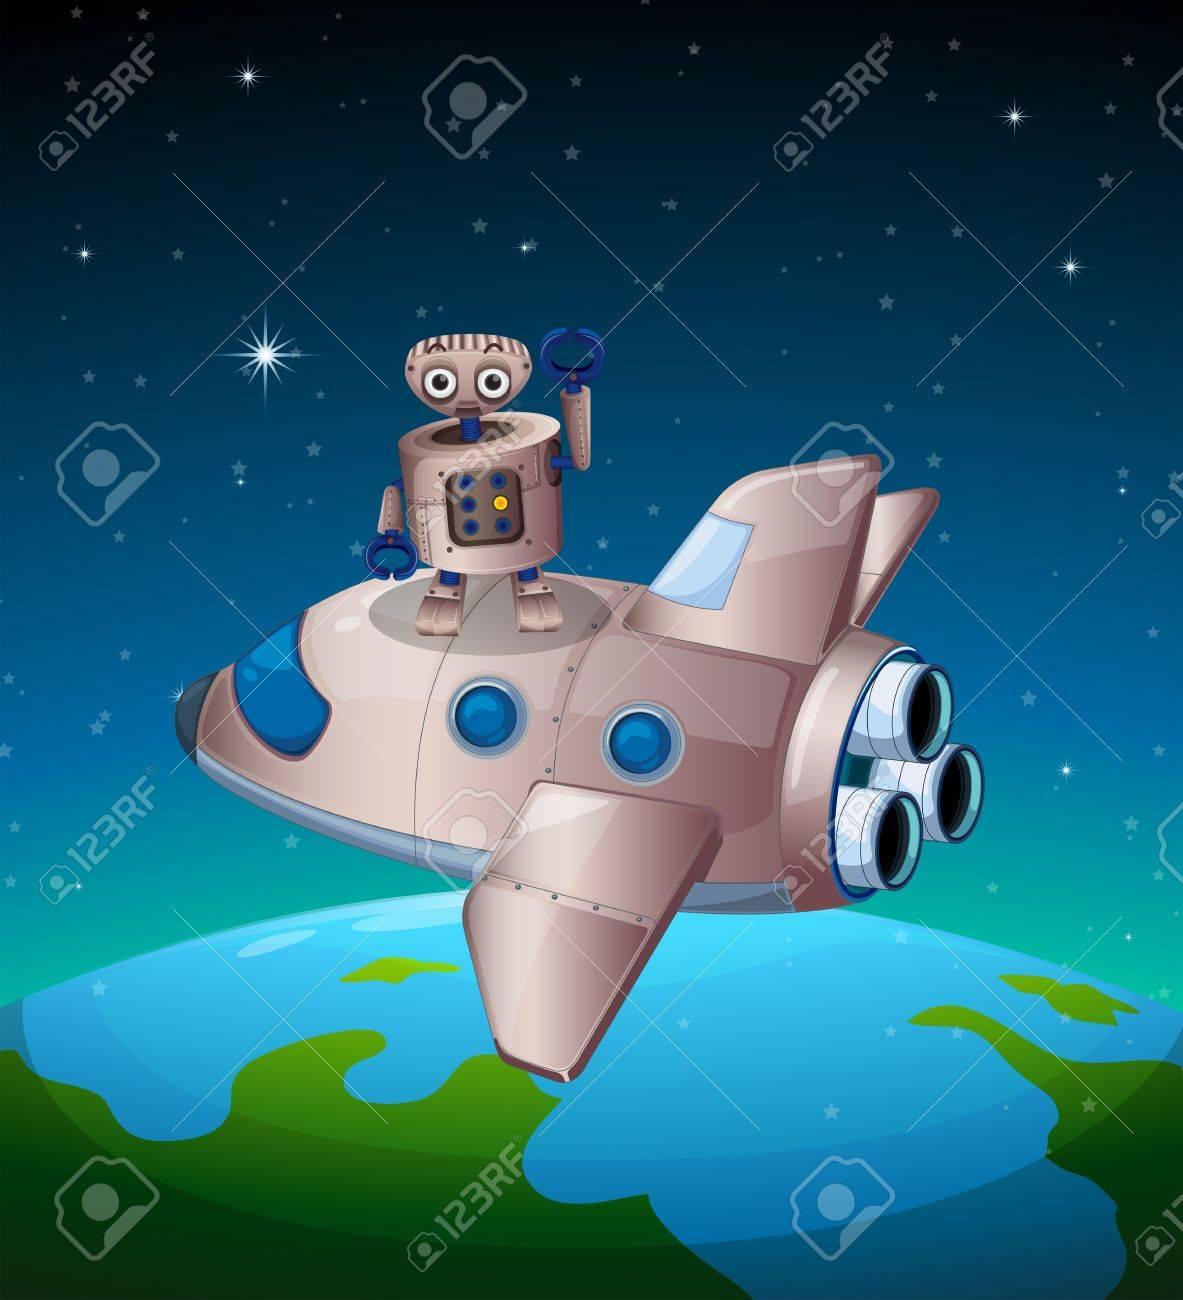 宇宙船の上ロボットのイラストのイラスト素材ベクタ Image 19717665